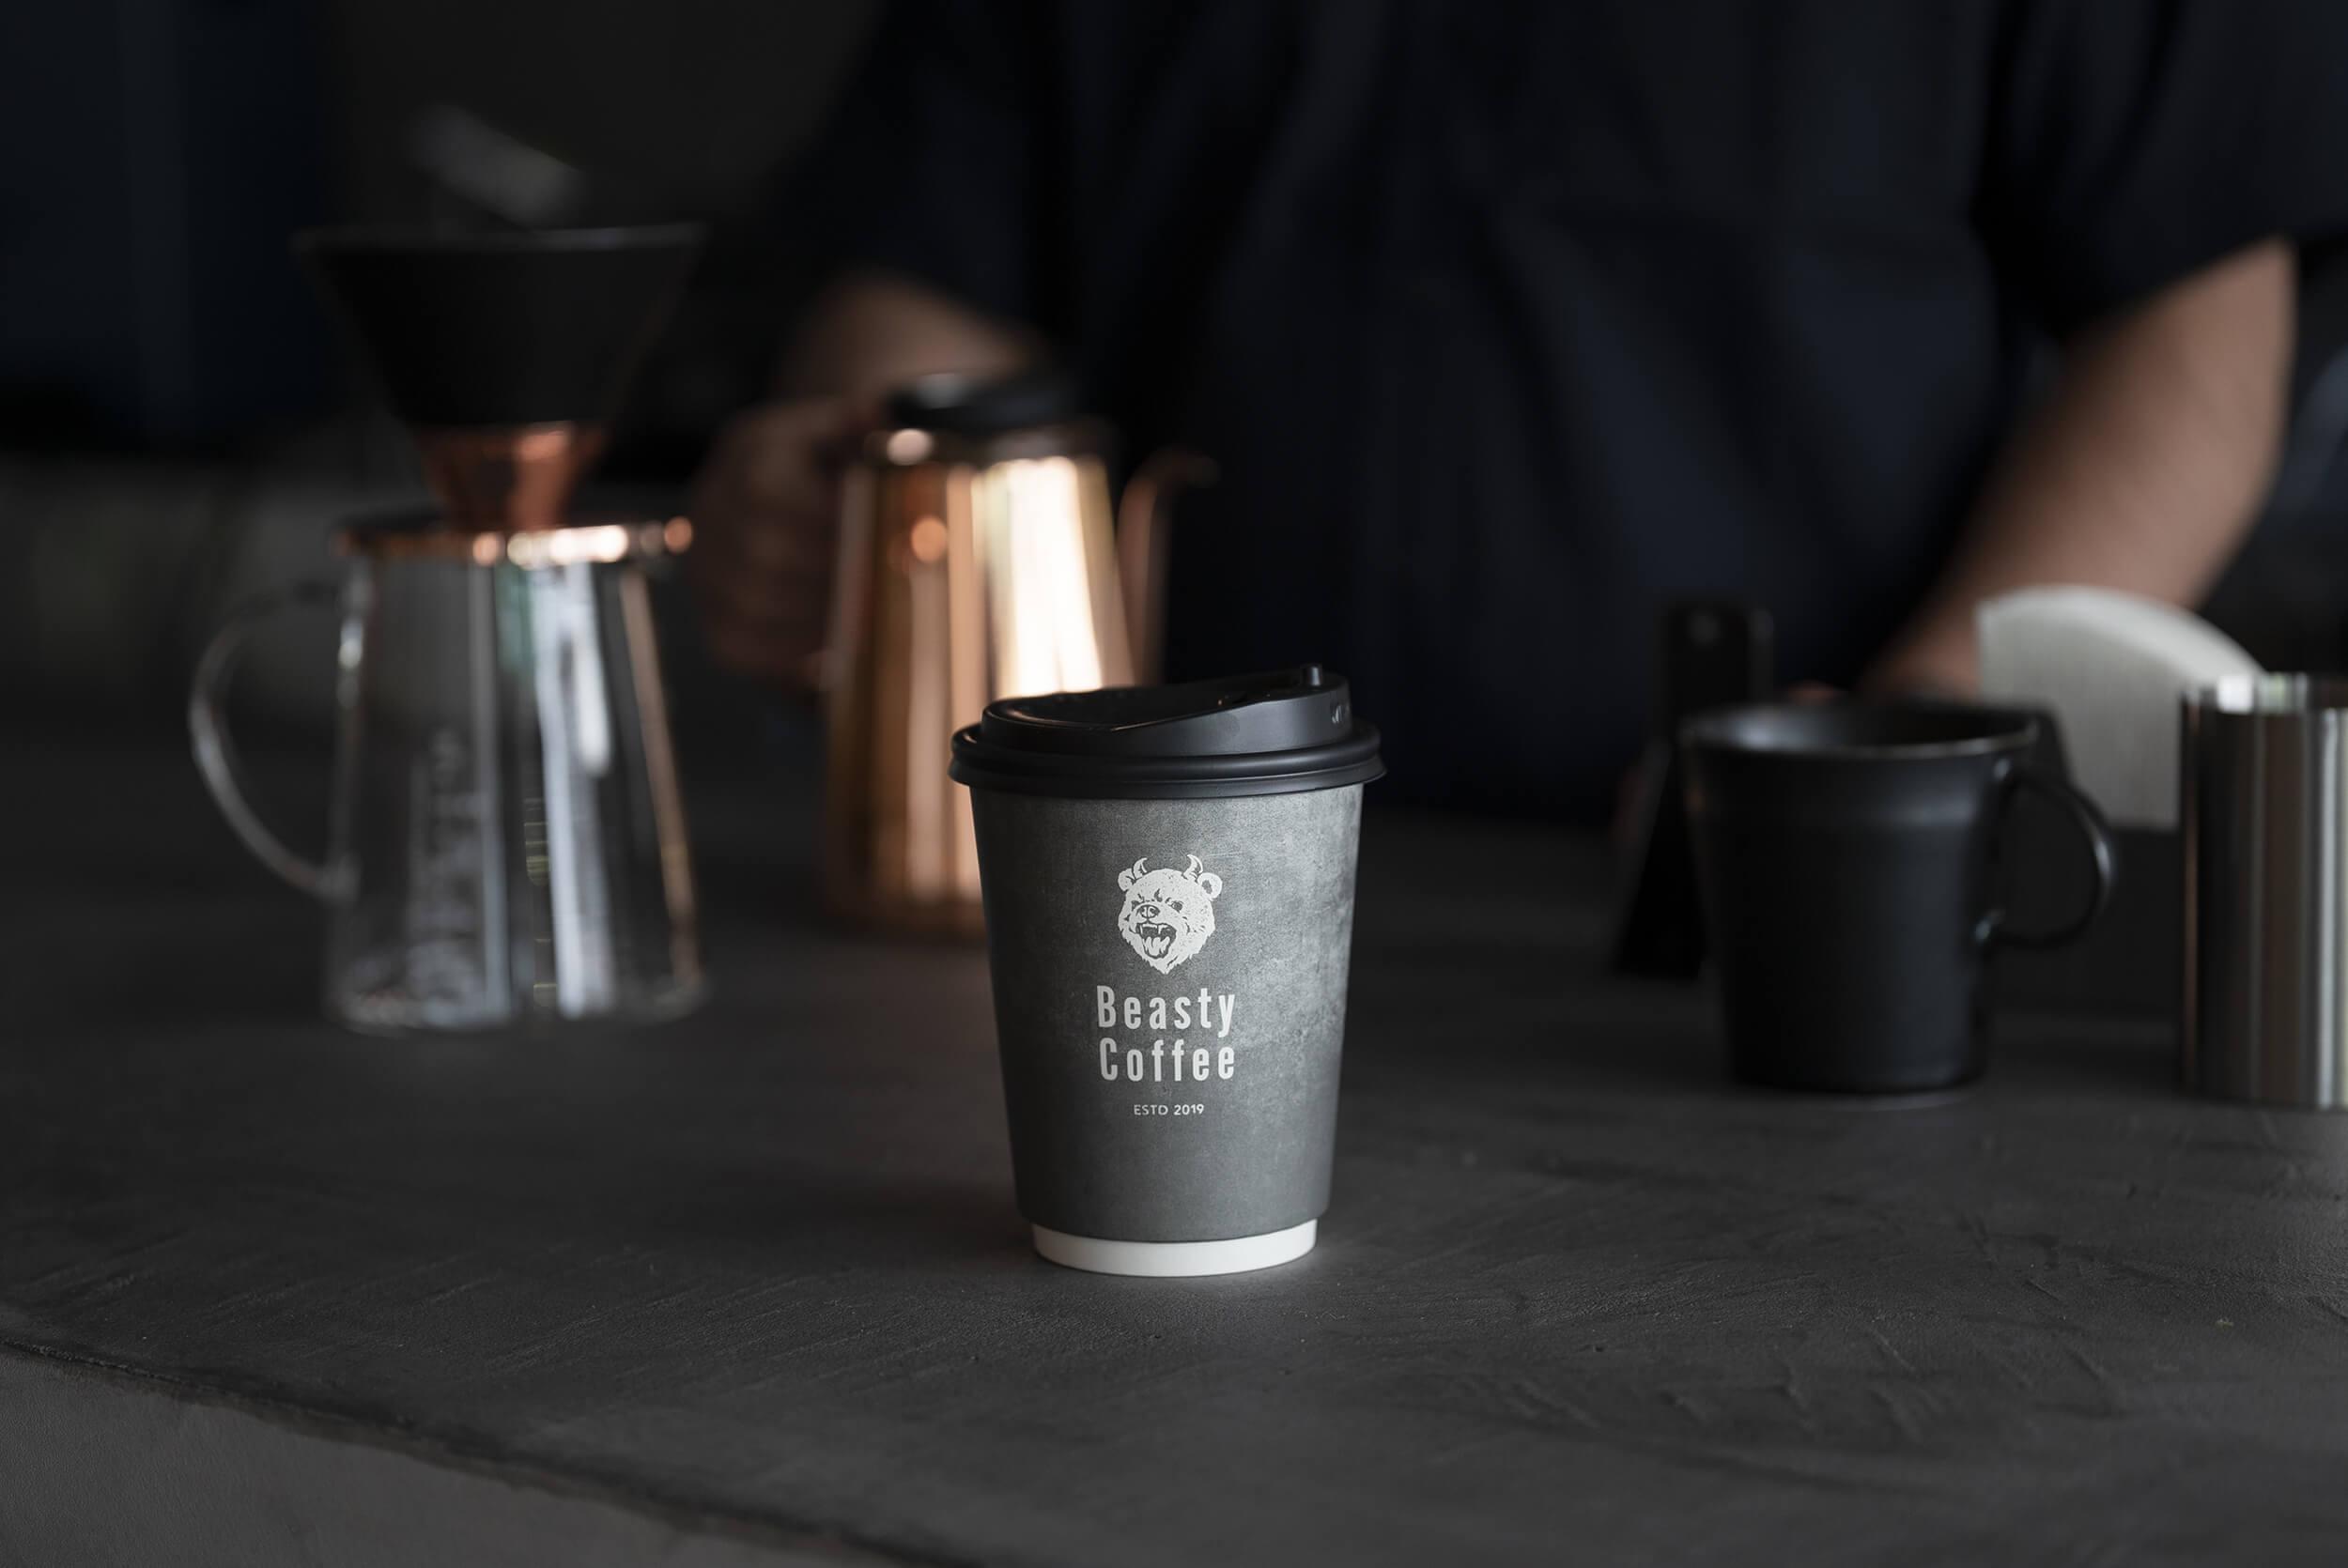 beasty-coffee-cafe-laboratory-%ef%bc%88%e3%83%92%e3%82%99%e3%83%bc%e3%82%b9%e3%83%86%e3%82%a3%e3%83%bc%e3%82%b3%e3%83%bc%e3%83%92%e3%83%bc-%e3%82%ab%e3%83%95%e3%82%a7%e3%83%a9%e3%83%9b%e3%82%99-2